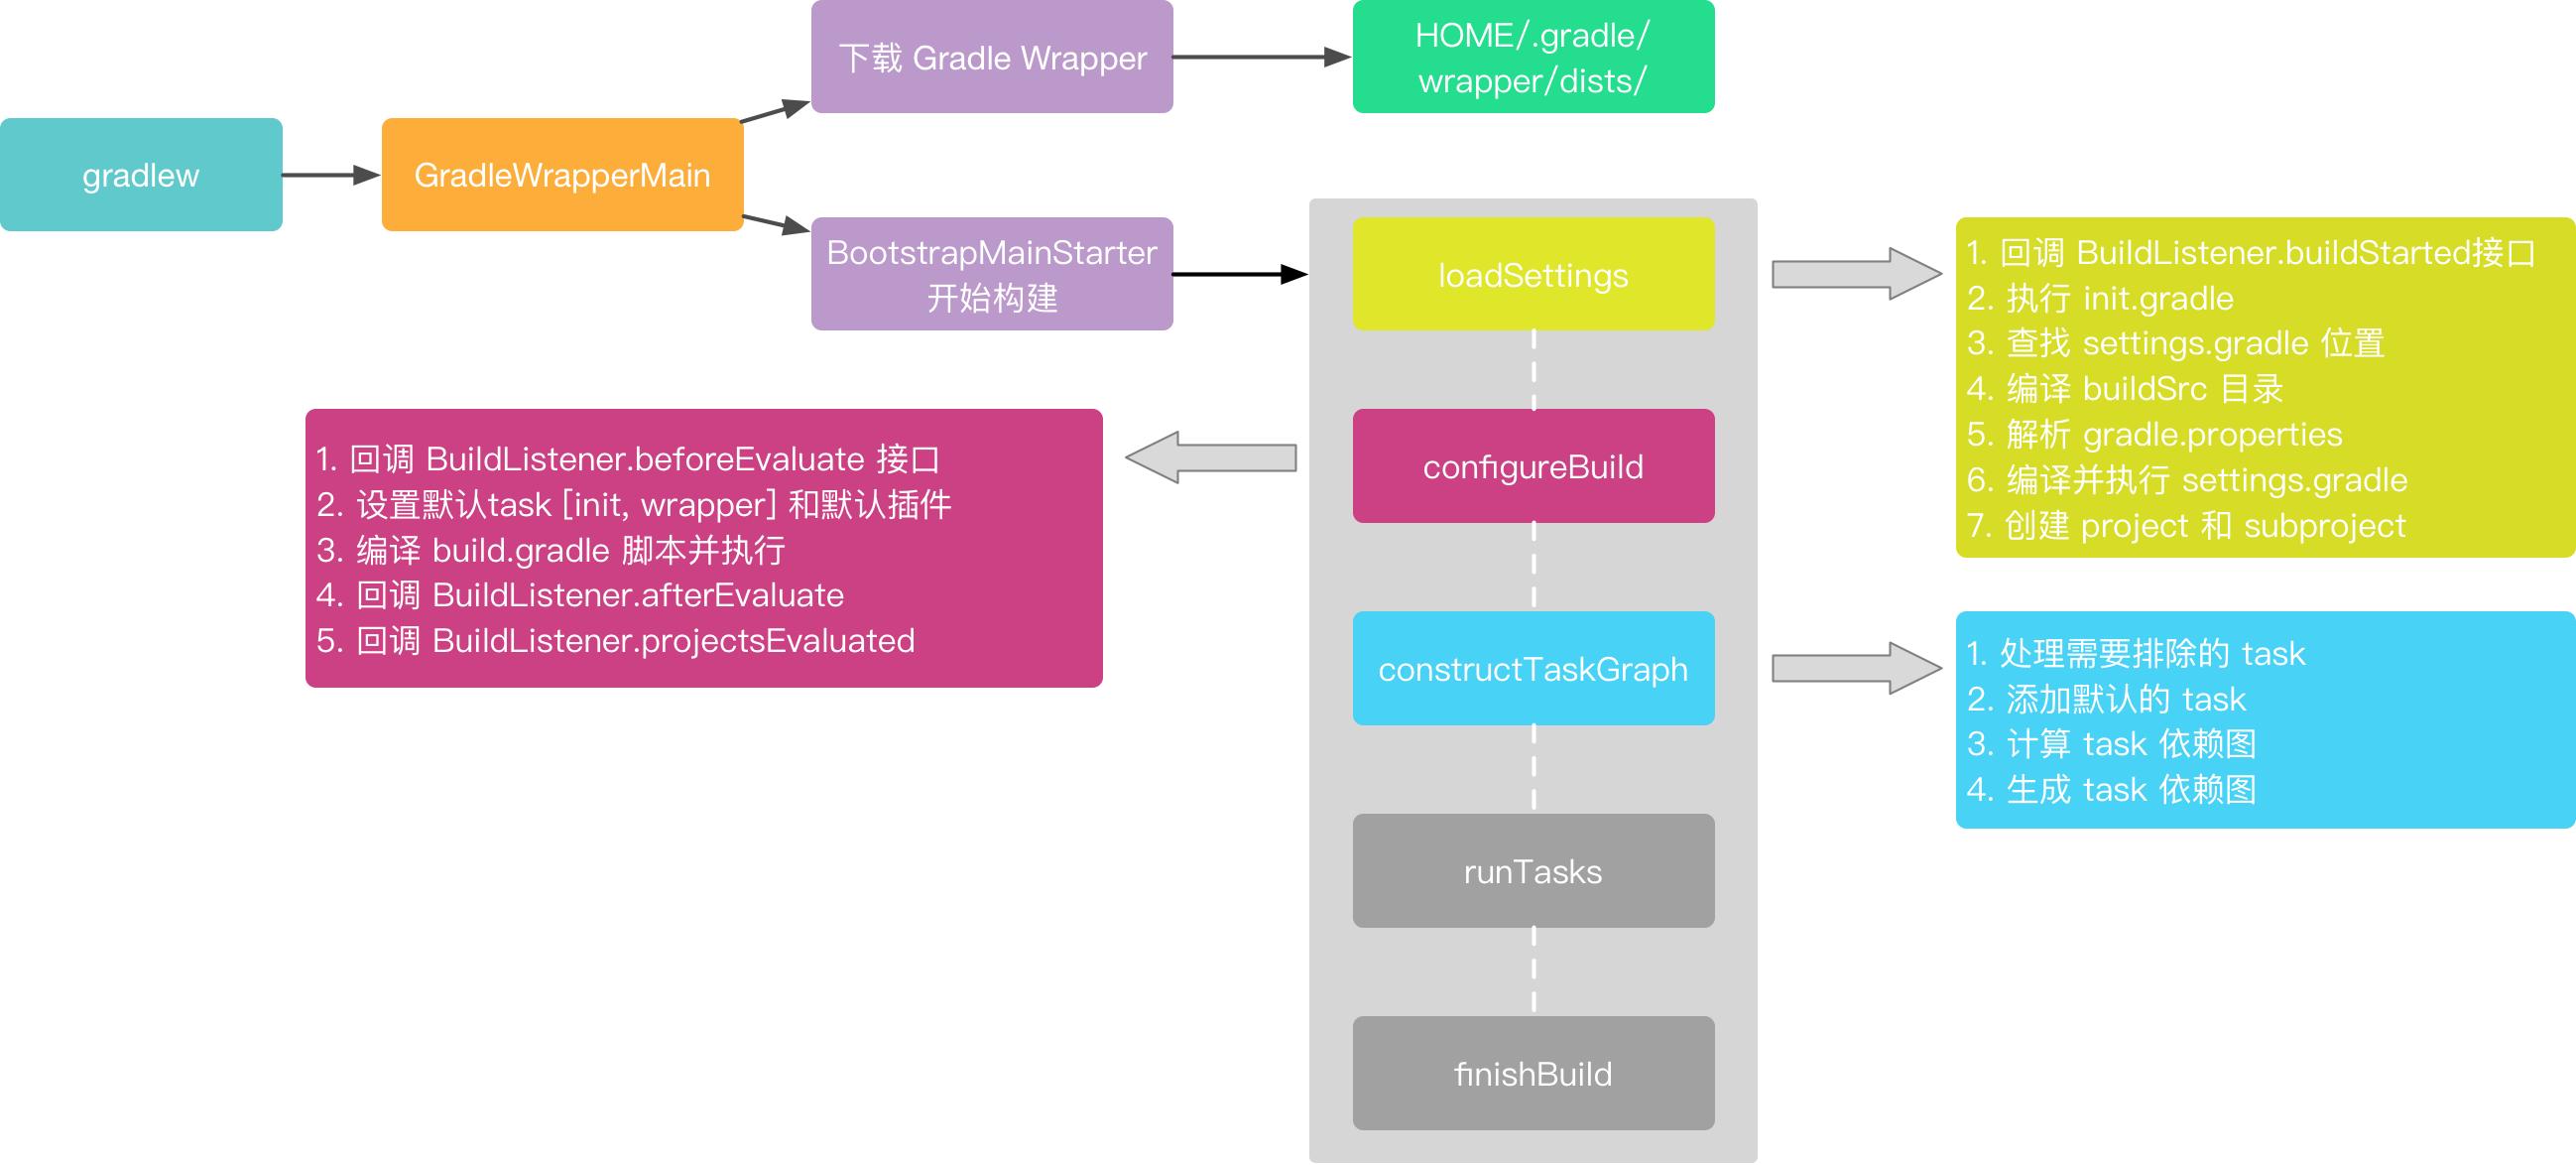 constructTaskGraph